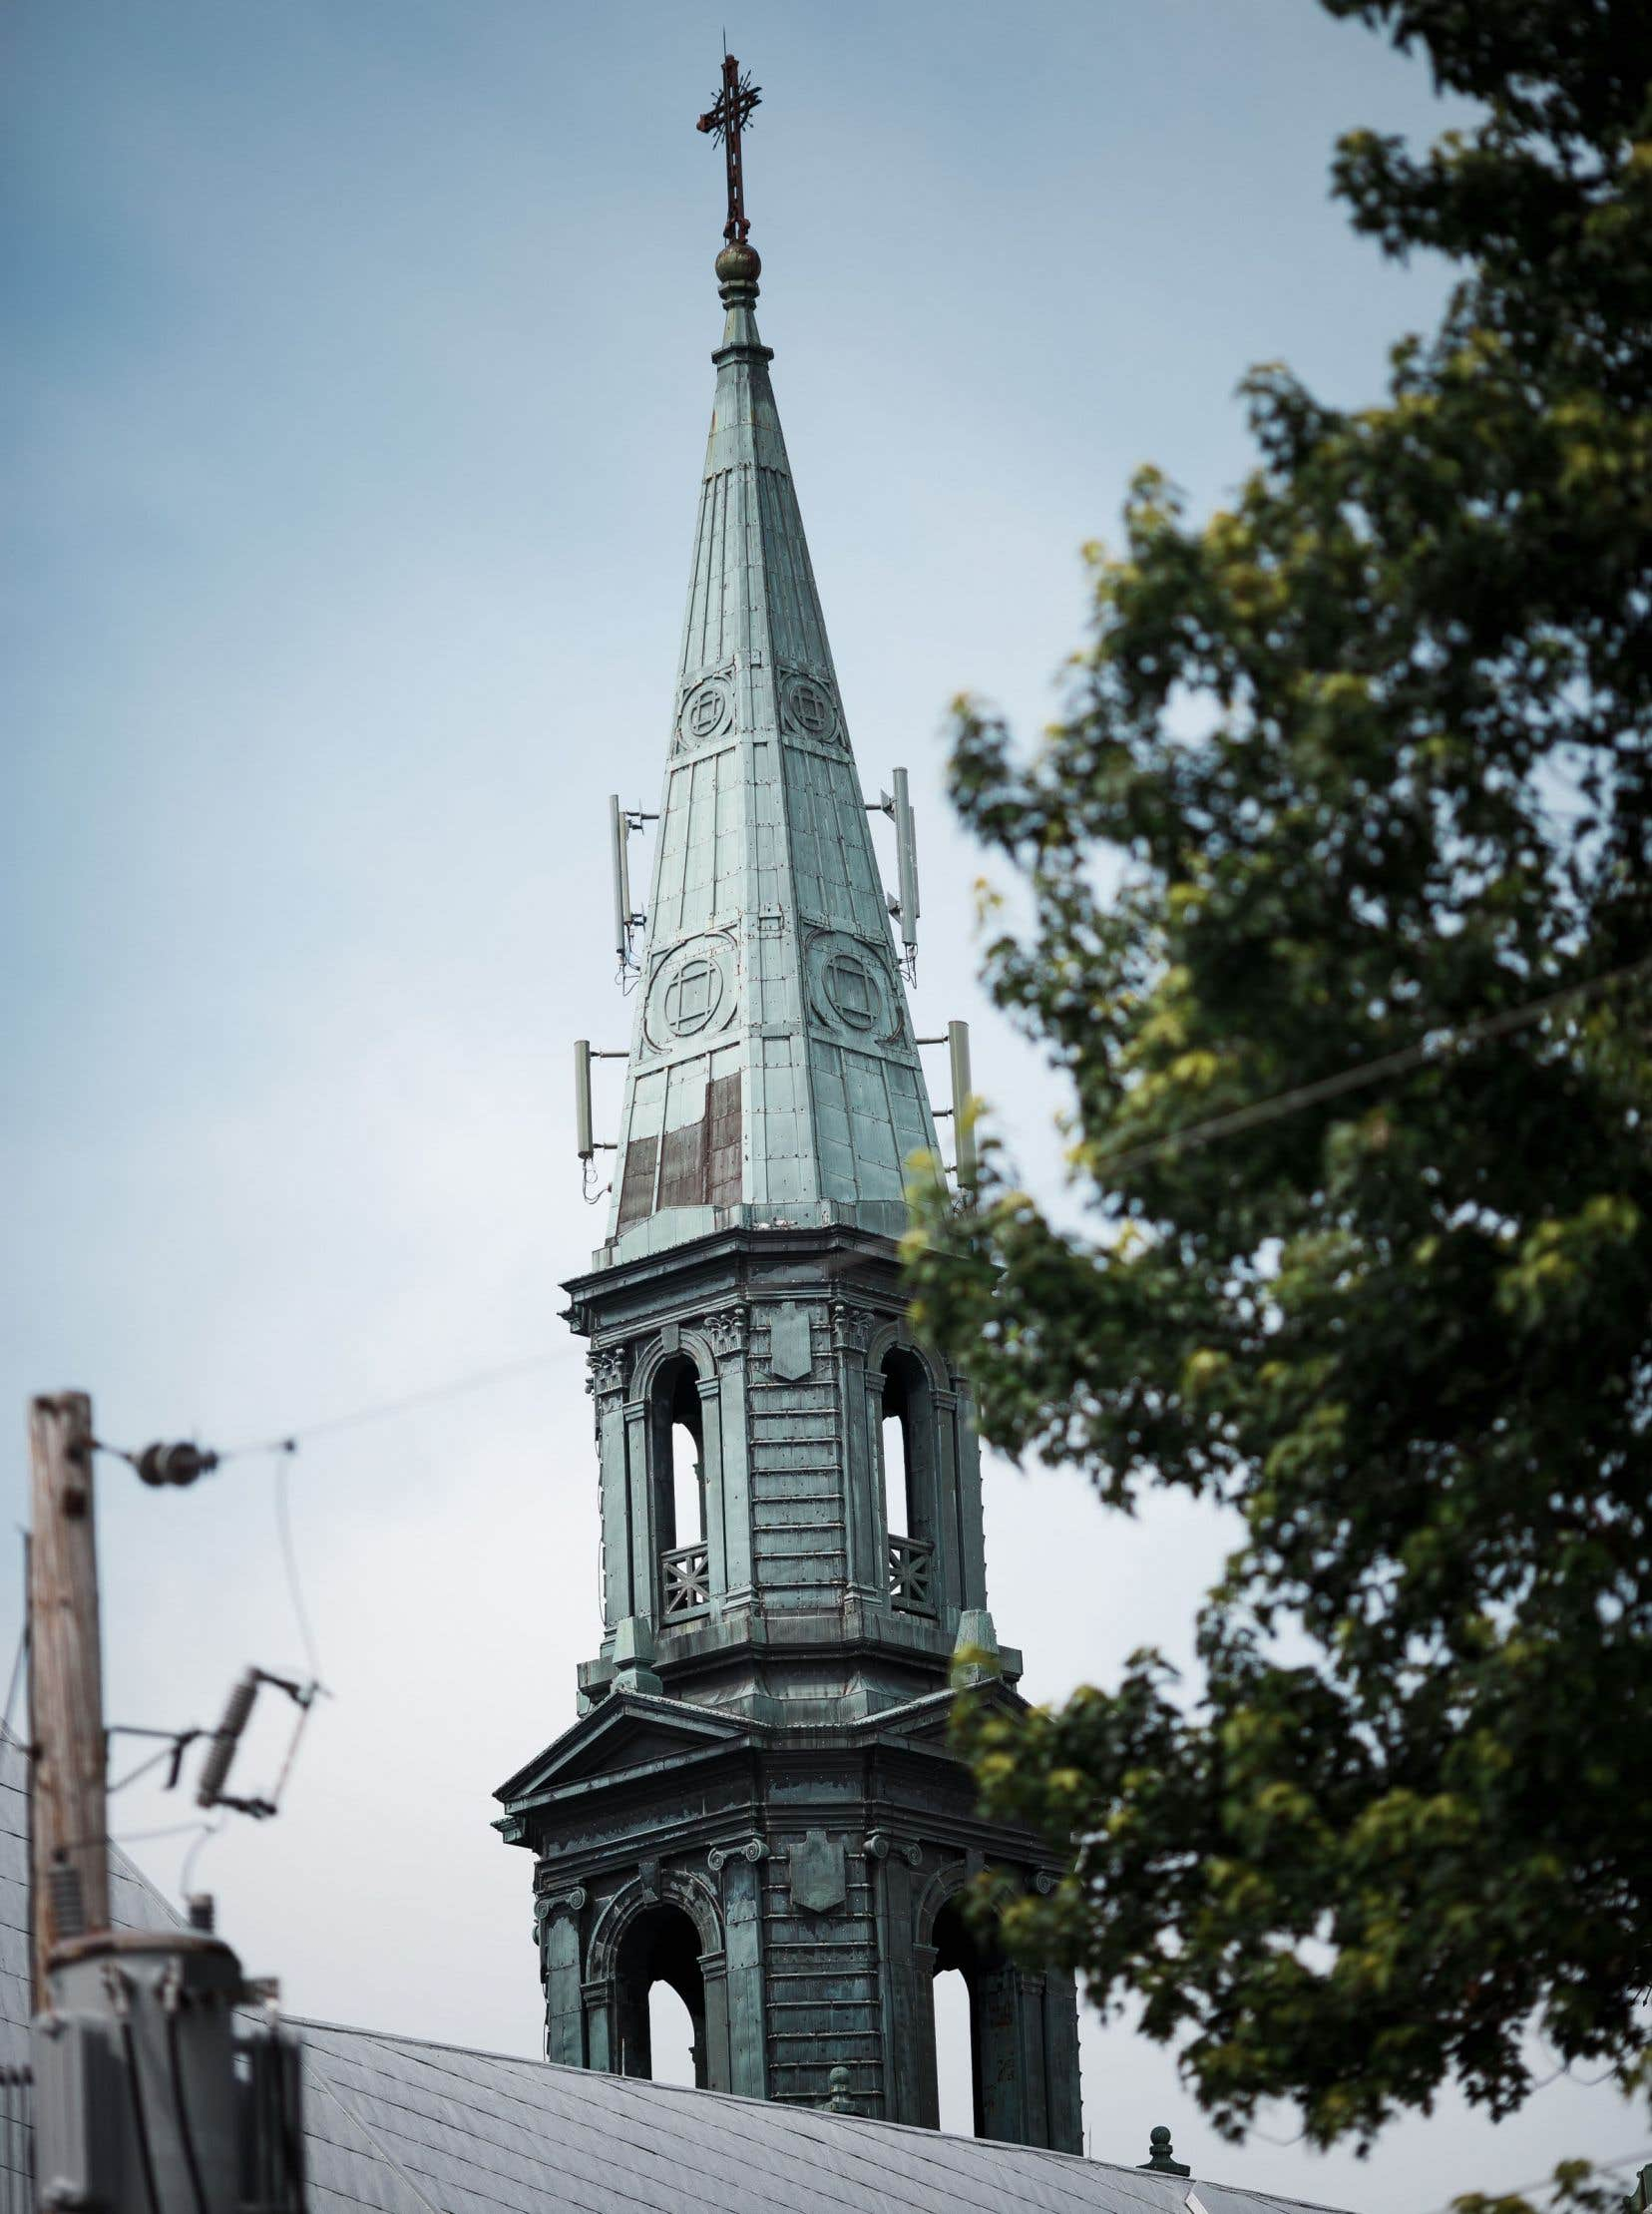 La cloche sert encore à sonner l'angélus qui commande la prière à Marie depuis des siècles et des siècles pour l'Église catholique.